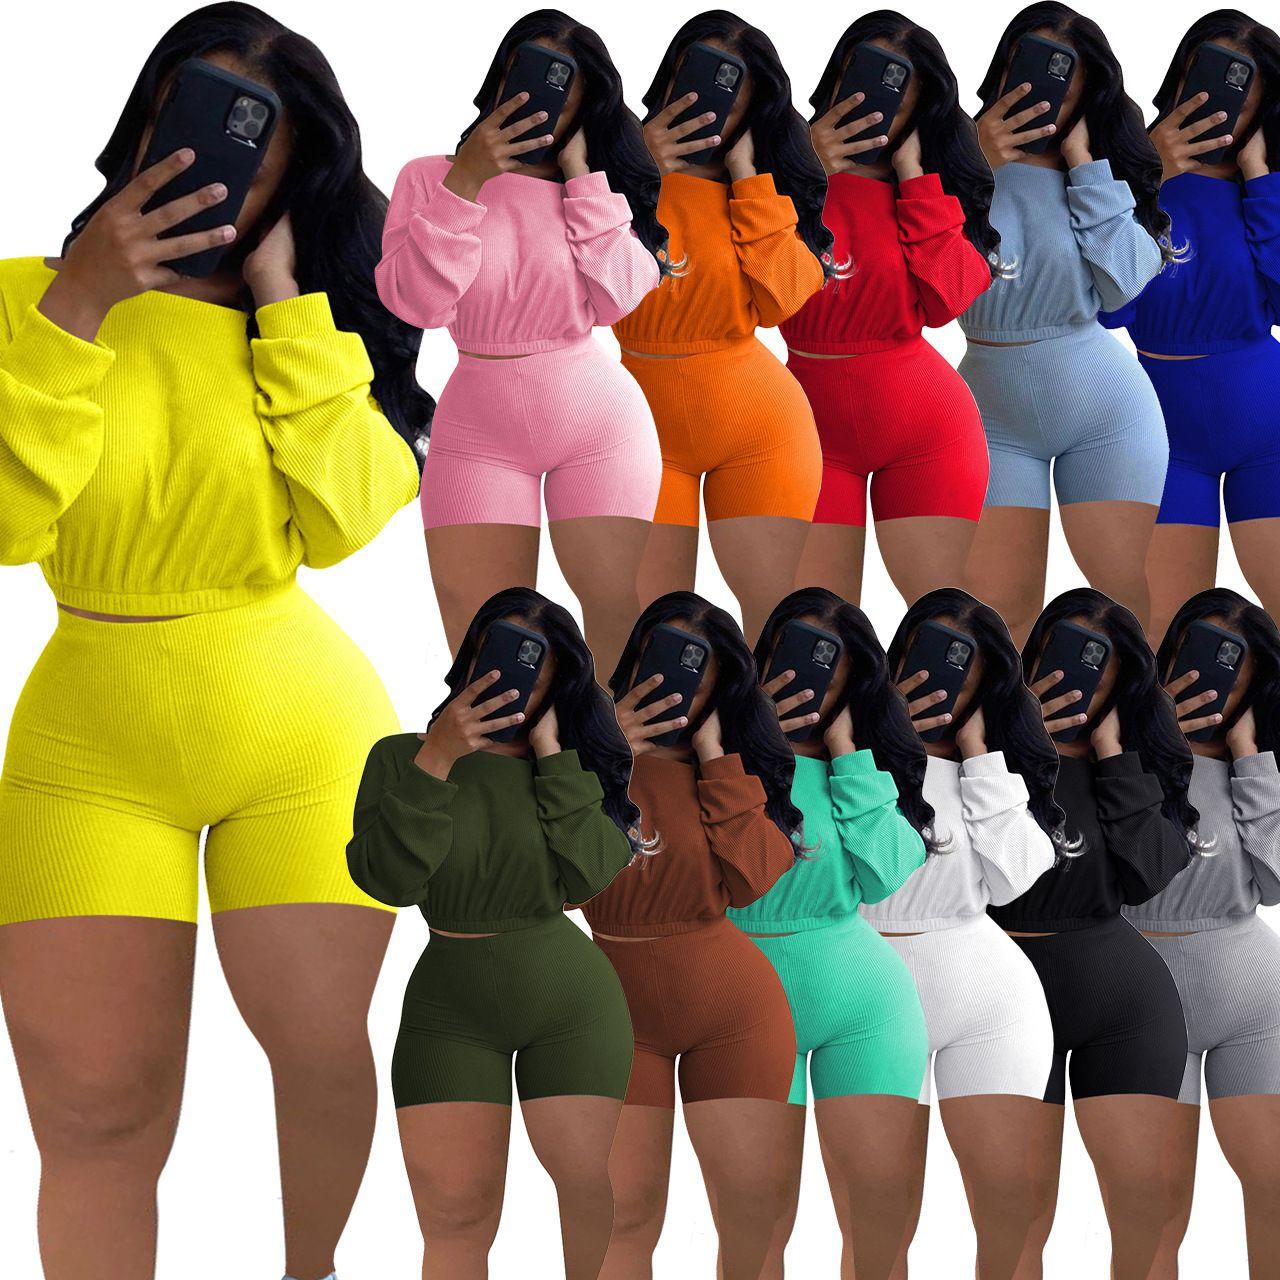 Женщины Scestsuits 2 шт. Брюки Установленные дизайнеры Одежда для одежды Bat Рукав Топ плюс Размер Одежда Безвозмездная Костюмы 826